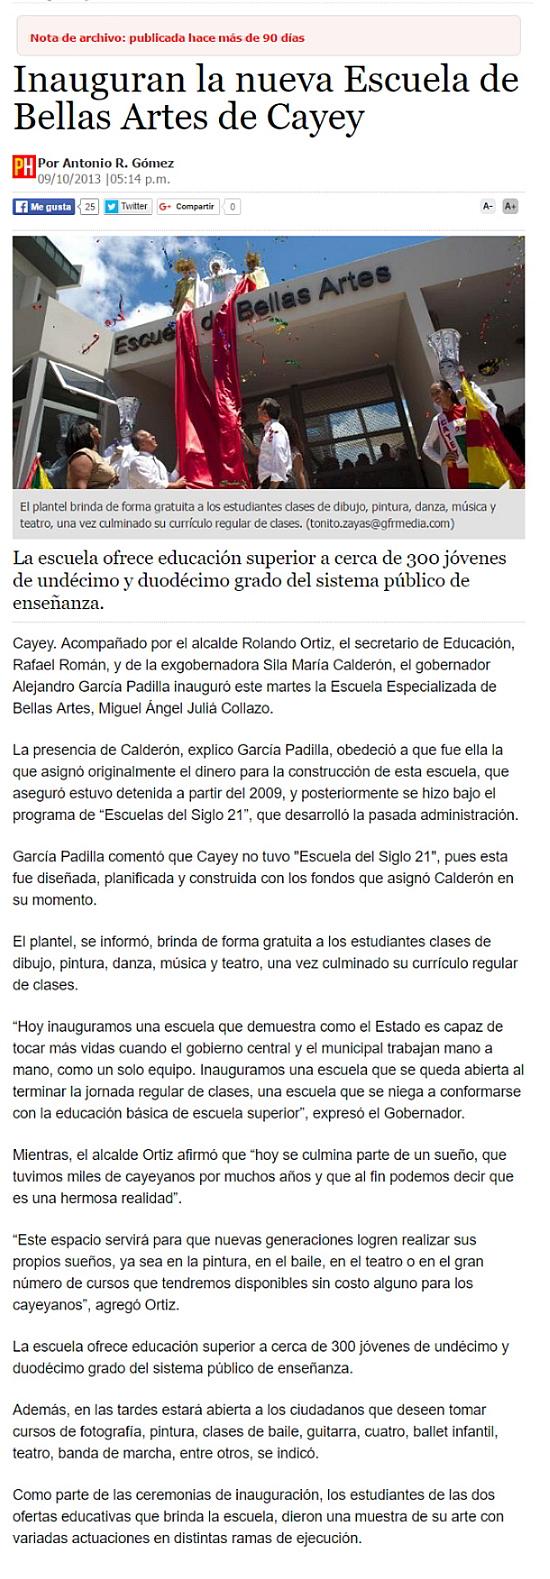 Escuela de Bellas Artes de Cayey-Autogiro arte actual